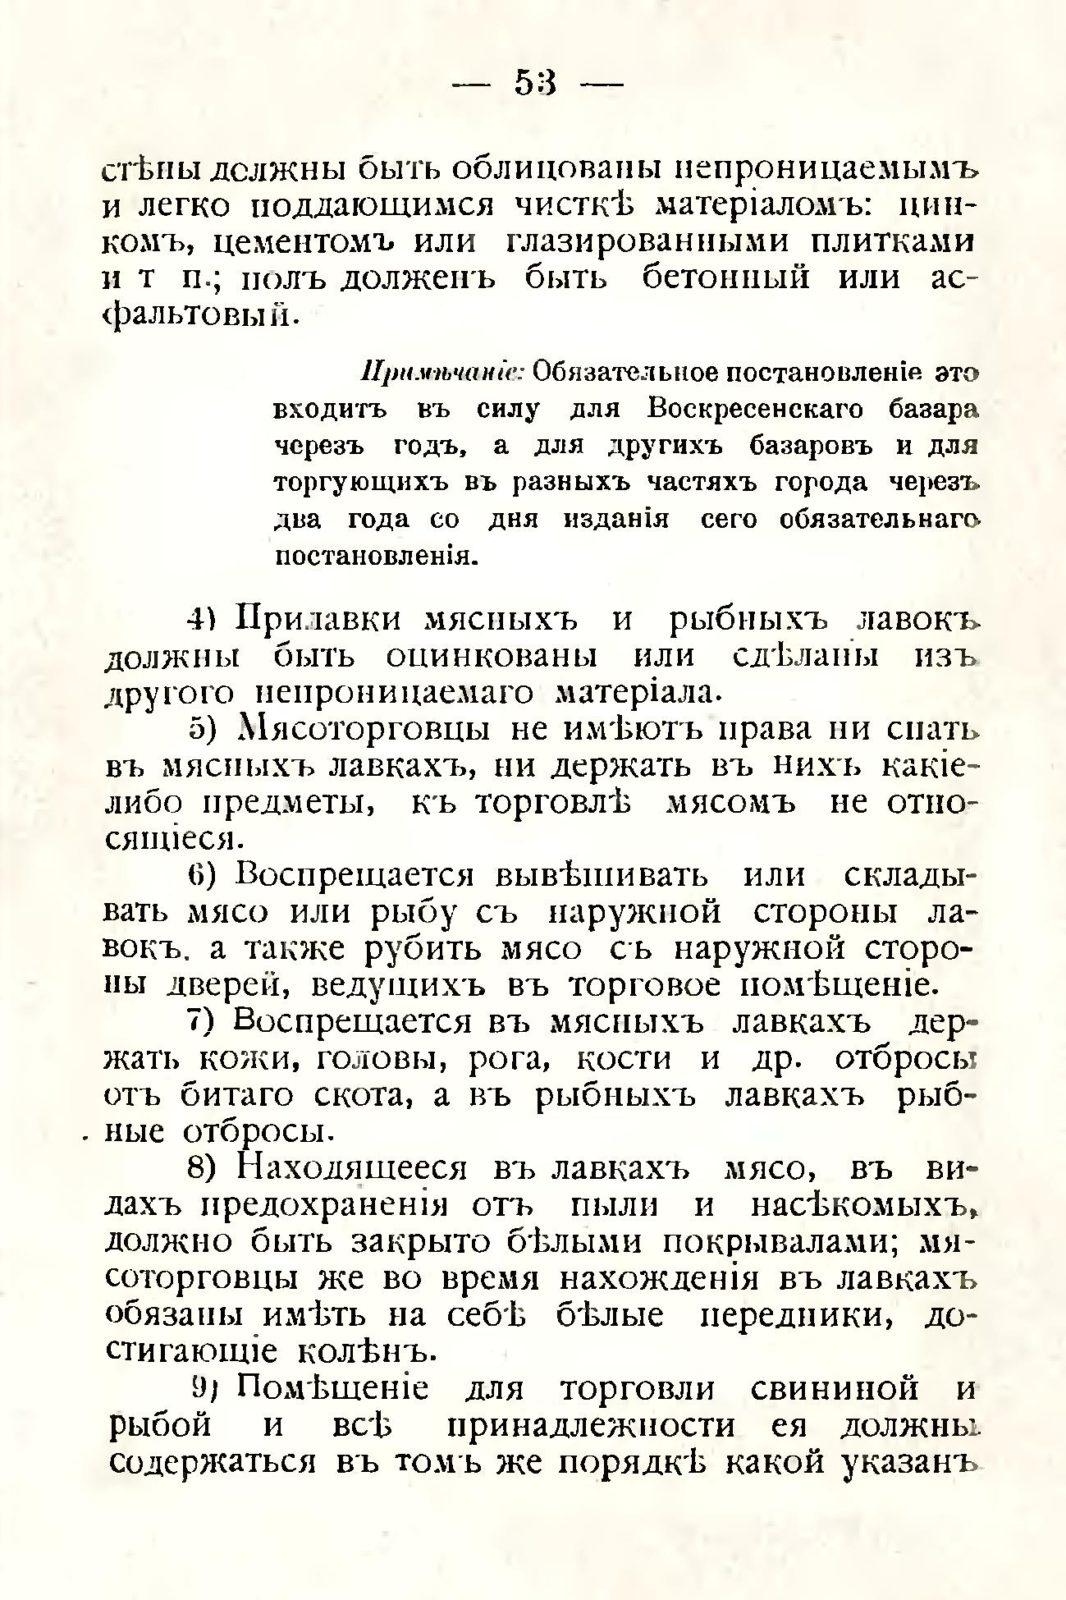 sbornik_obyazatelnyh_postanovlenii_tashkentskoi_gorodskoi_du_57